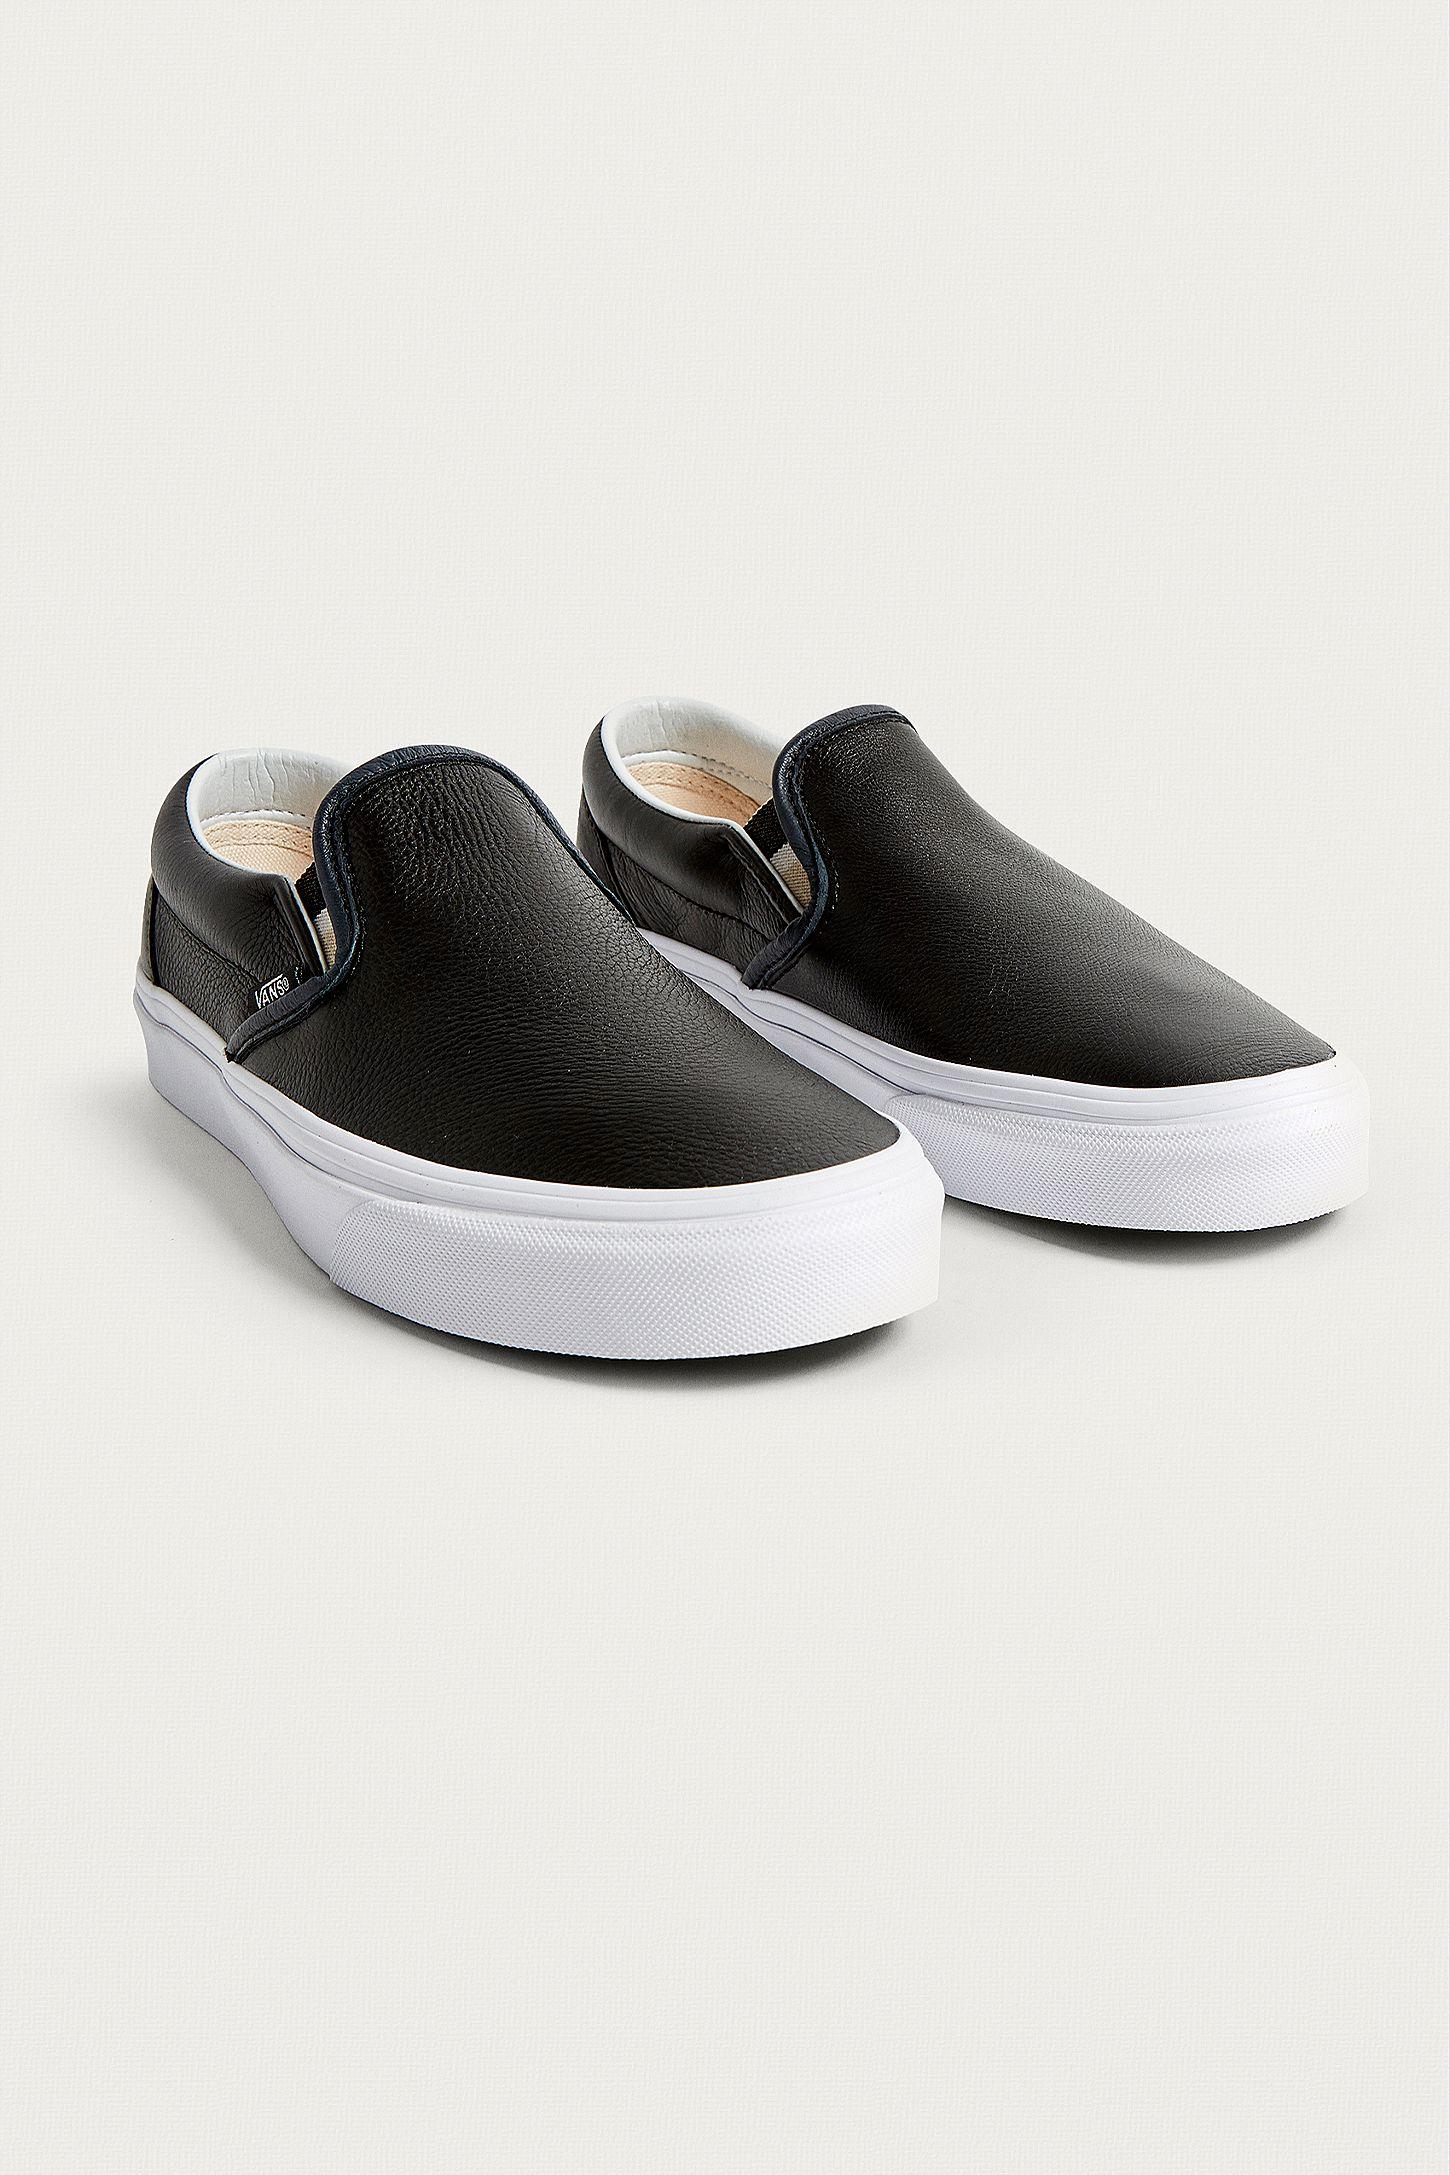 49b153468090 Vans Black Leather Slip-On Trainers